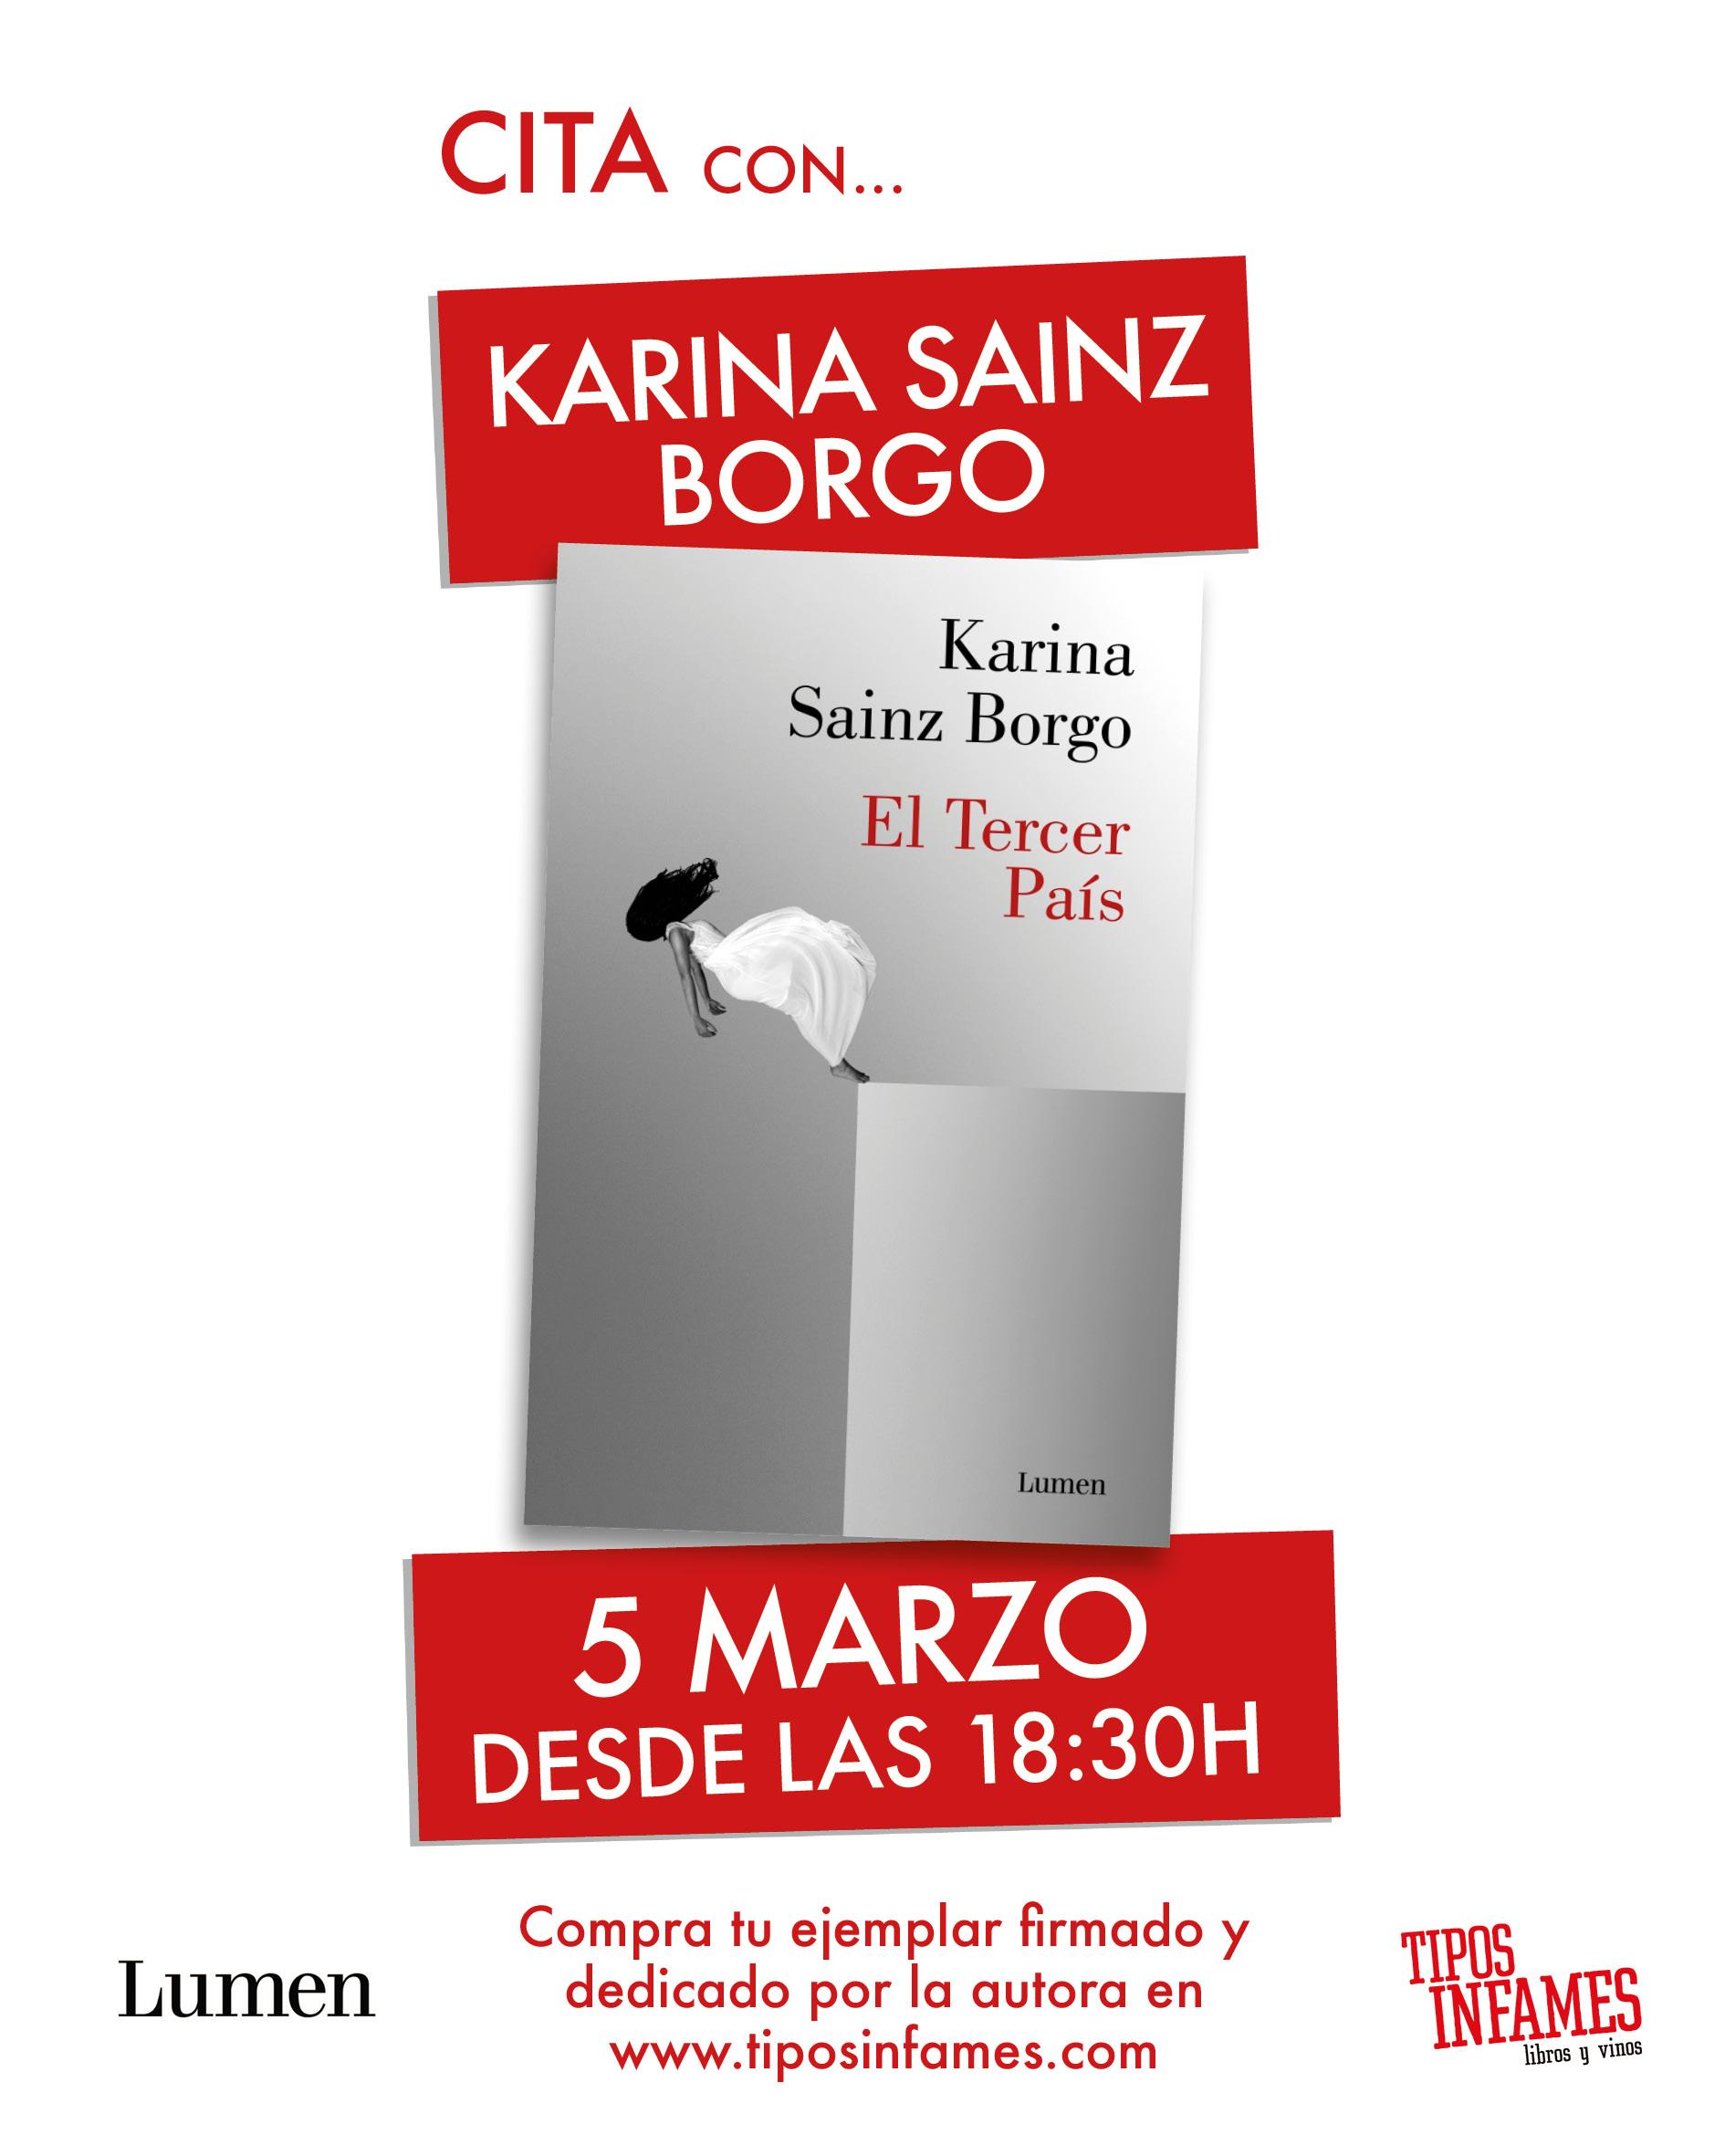 Karina Sainz Borgo en Tipos Infames